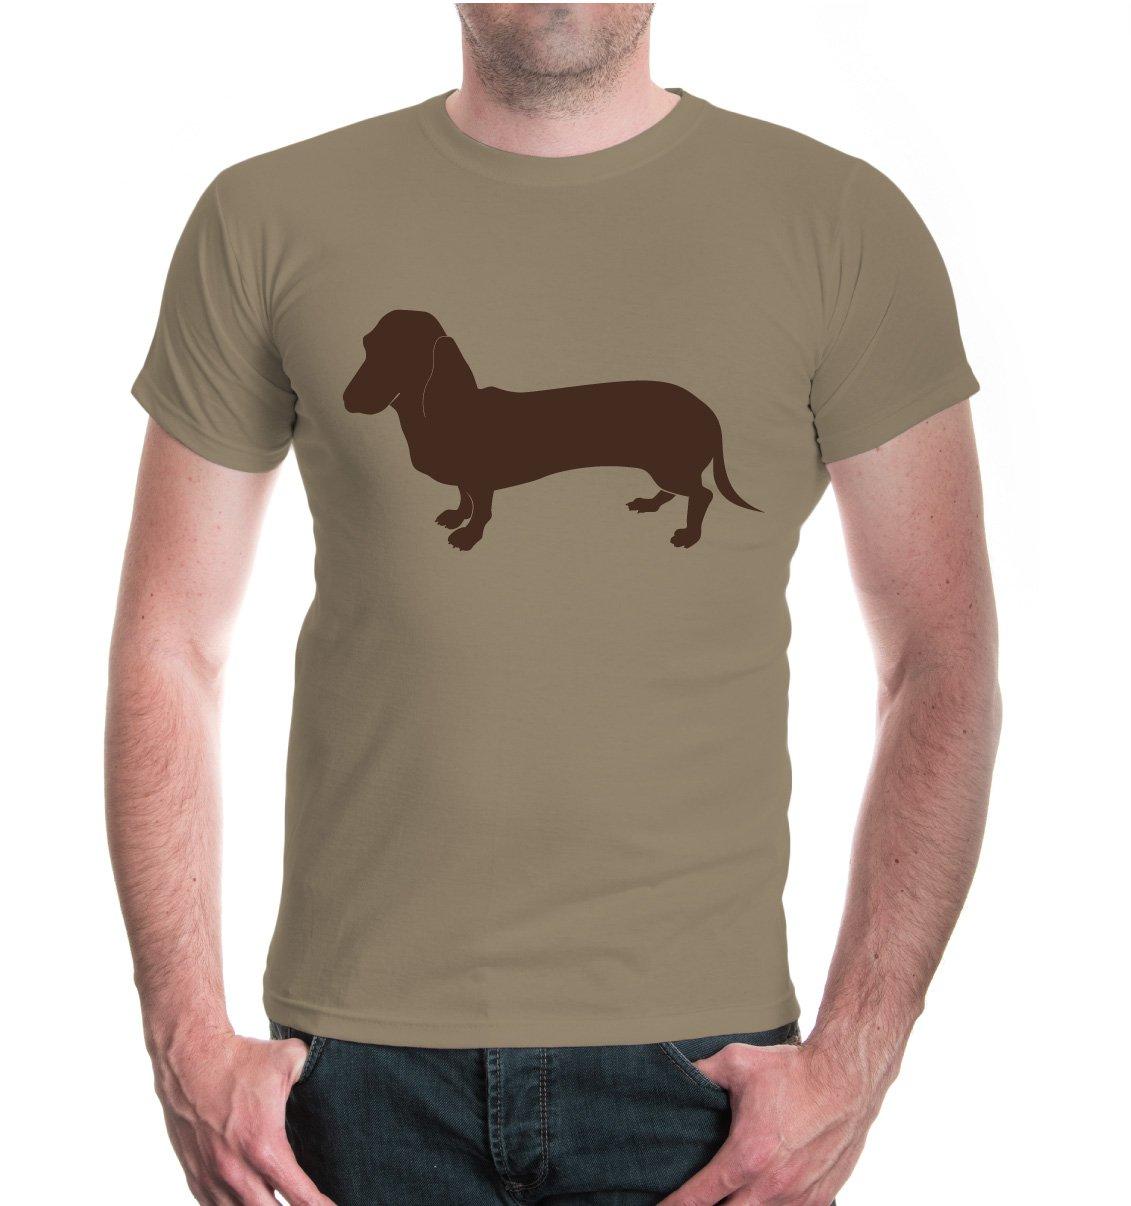 buXsbaum® Herren Unisex Kurzarm T-Shirt bedruckt Dackel Tiersilhouette |  Hund Jagdhund: Amazon.de: Bekleidung